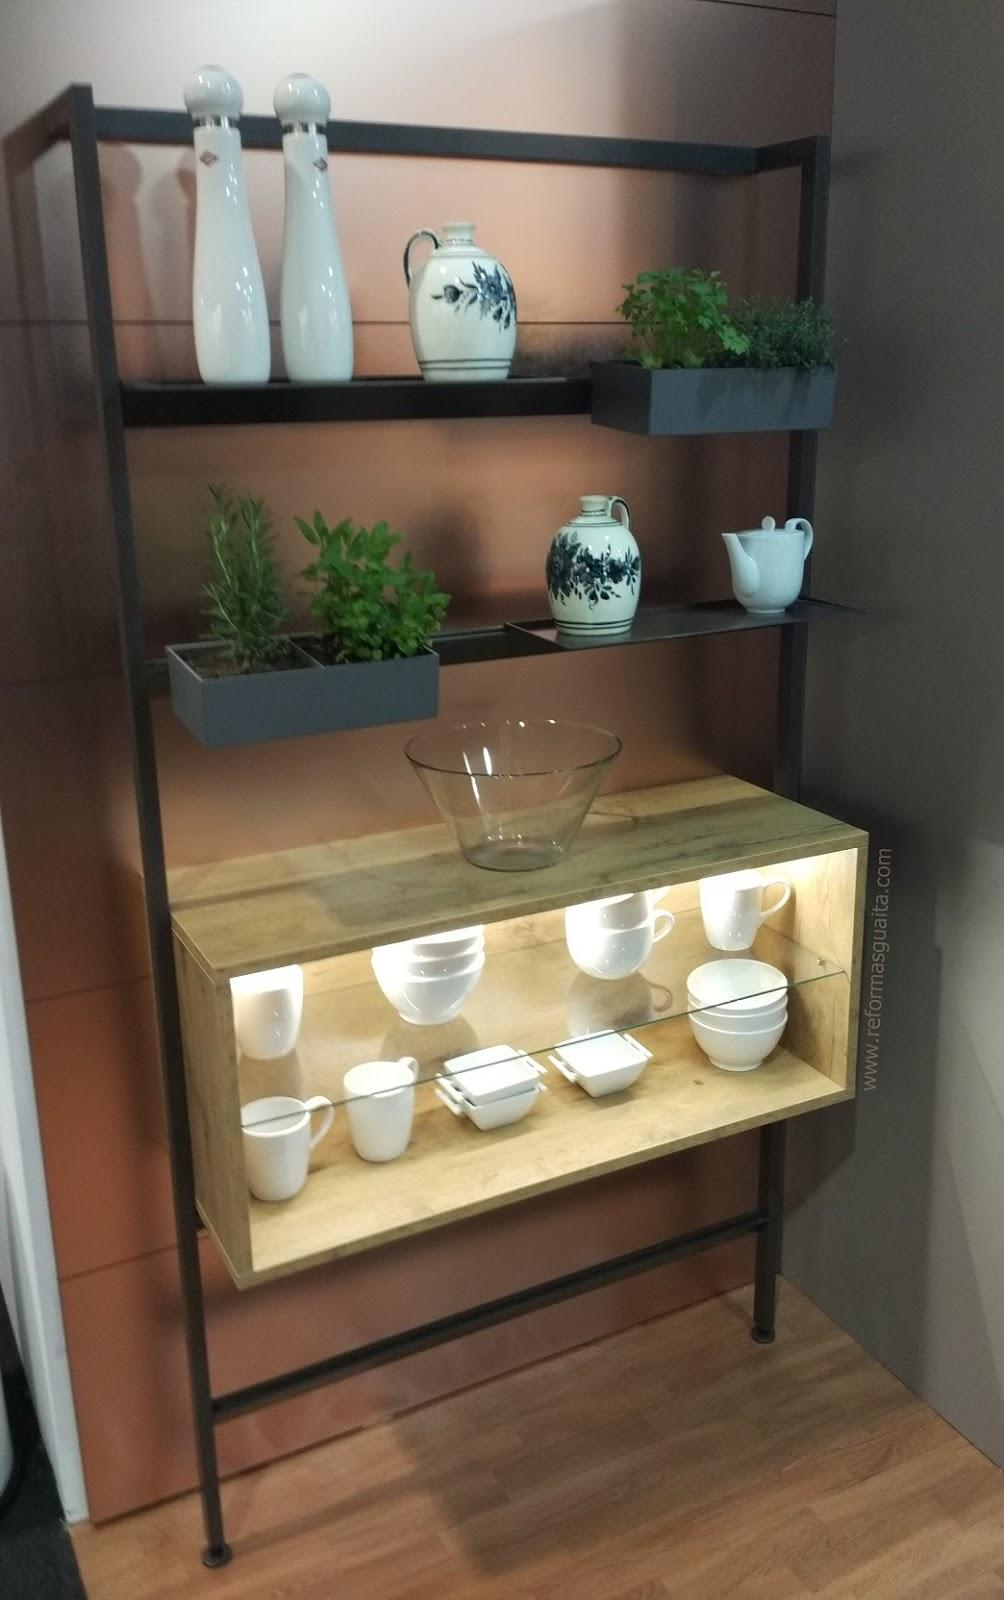 estructura estante metal industrial cocina DAMARIS L con jardin vertical para hierbas aromáticas